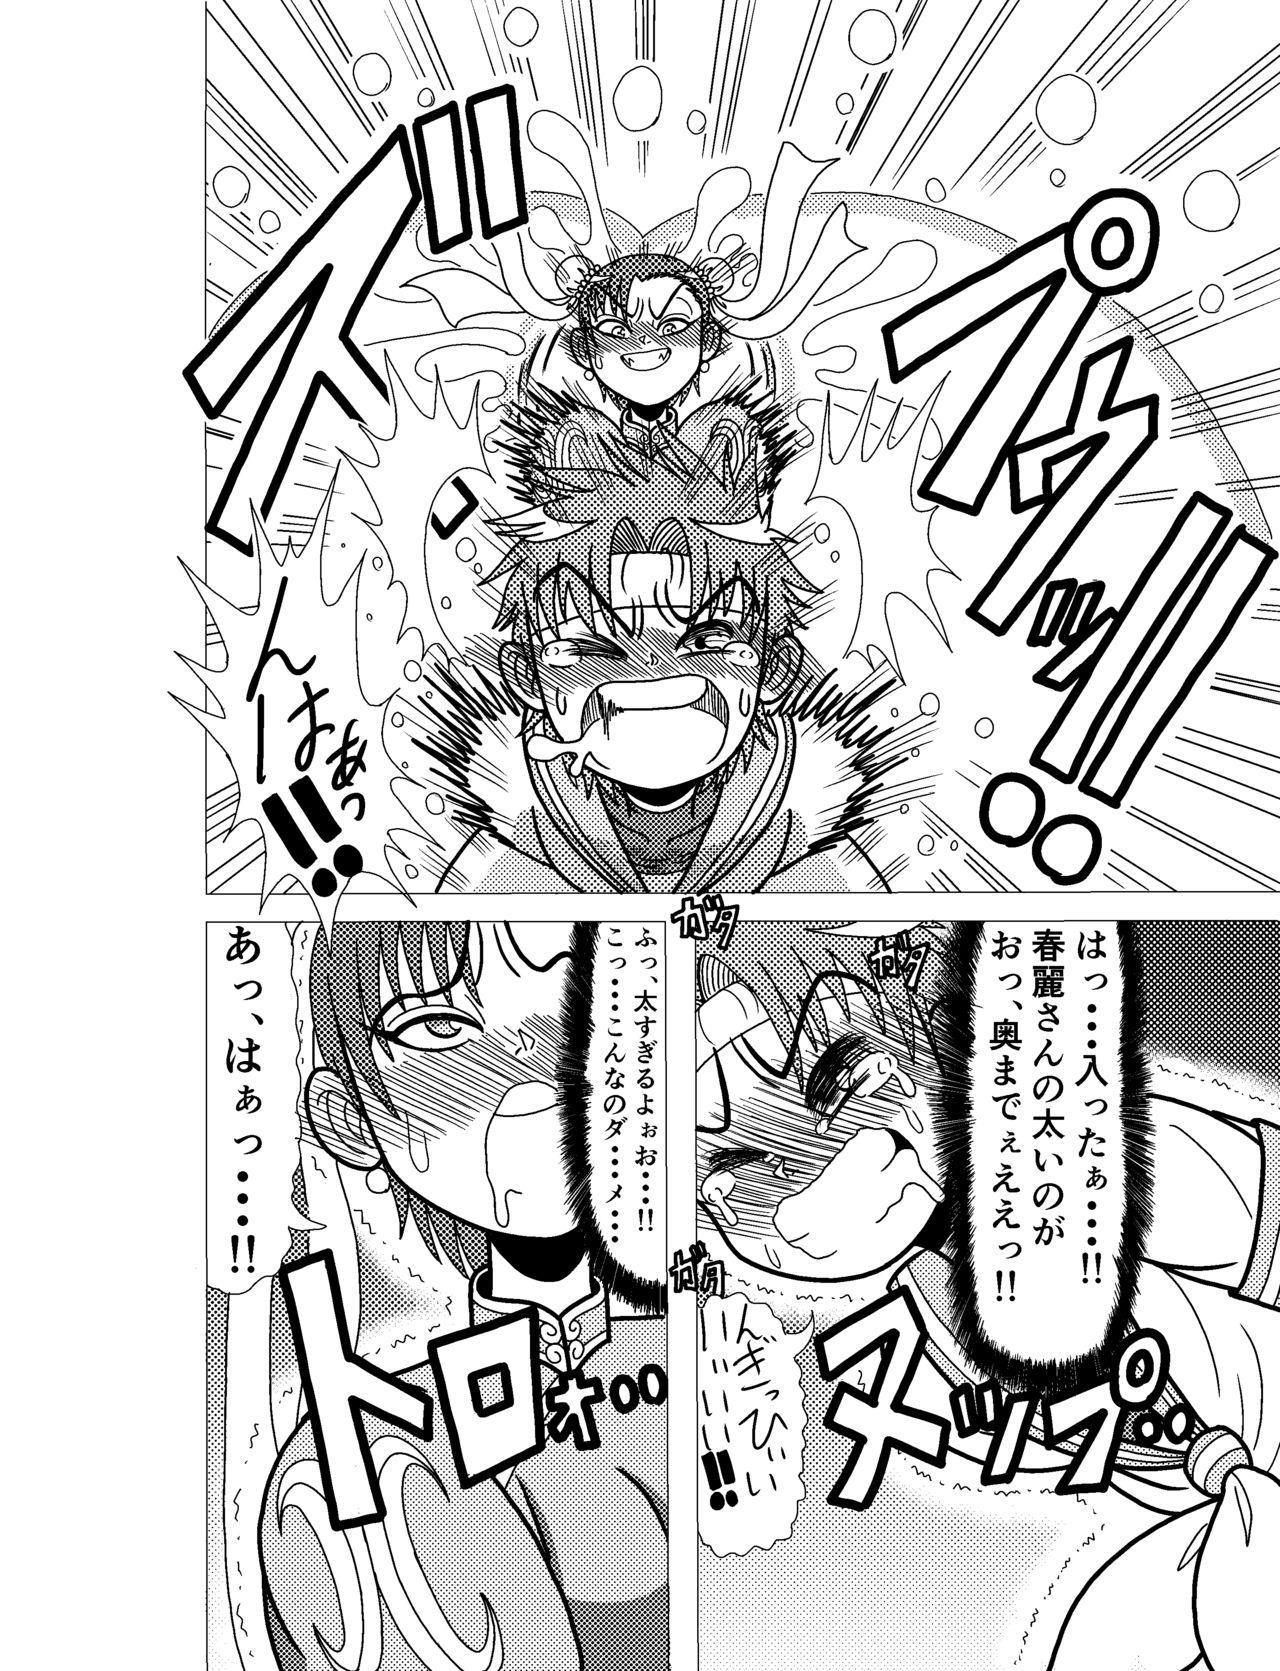 Sakura Cos Shota Kyousei Rojou Hentai Choukyou Gokumonsatsu 11